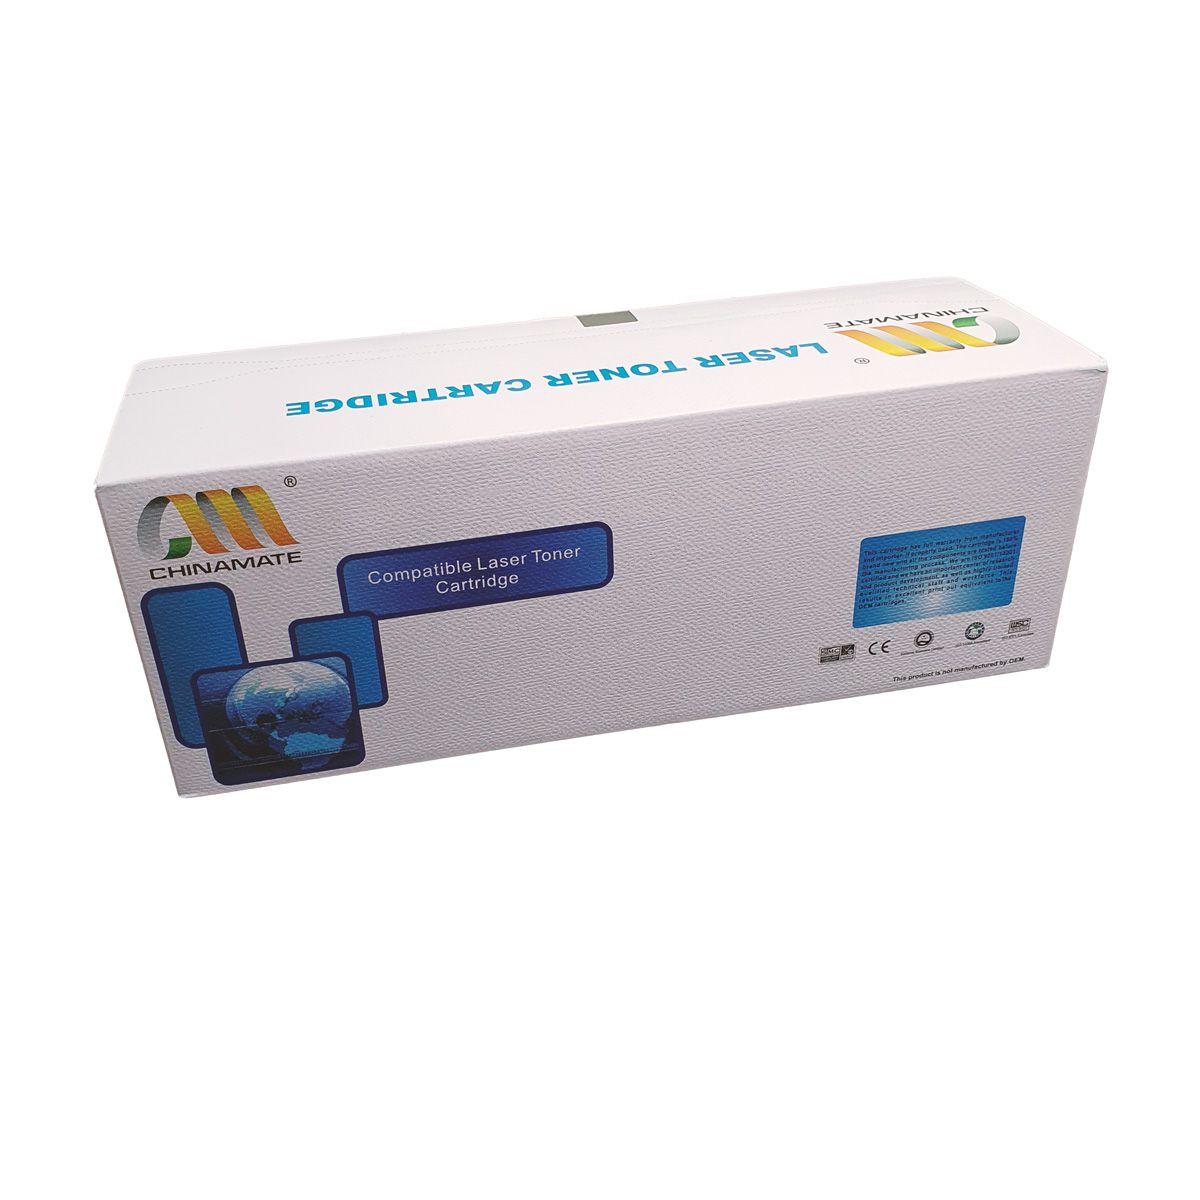 Toner CH Cb435a Cb436a 35a 36a Compatível com P1005 M1120 P1505 P1505n M1522f P1006 da HP